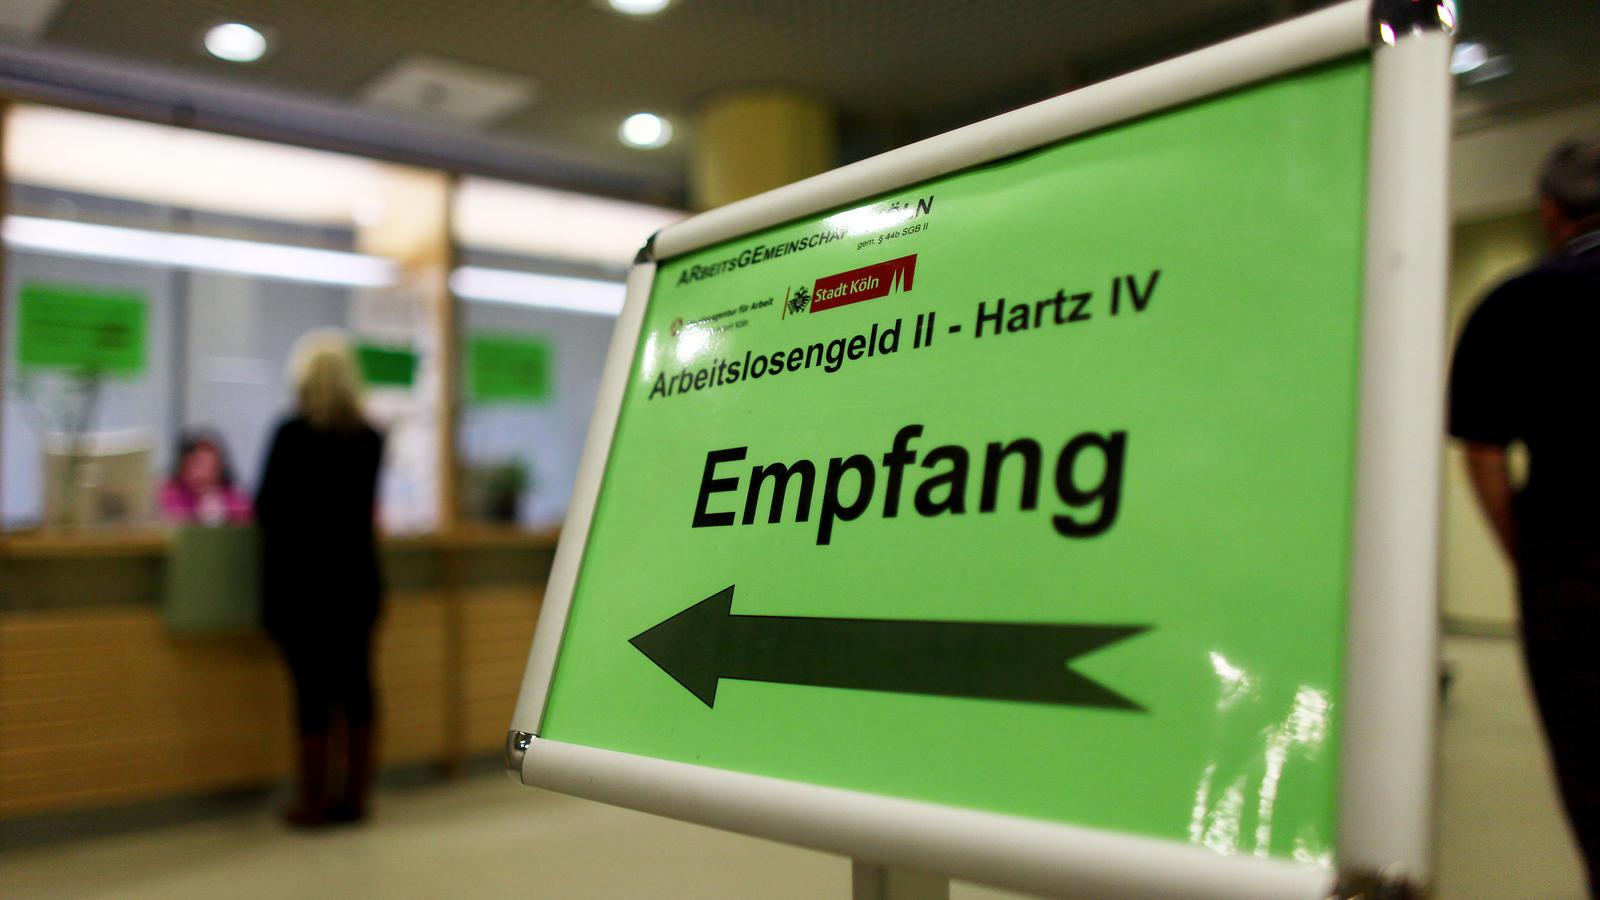 2018 wurde im Schnitt rund 132.000 Menschen der Hartz-IV-Regelsatz gekürzt.